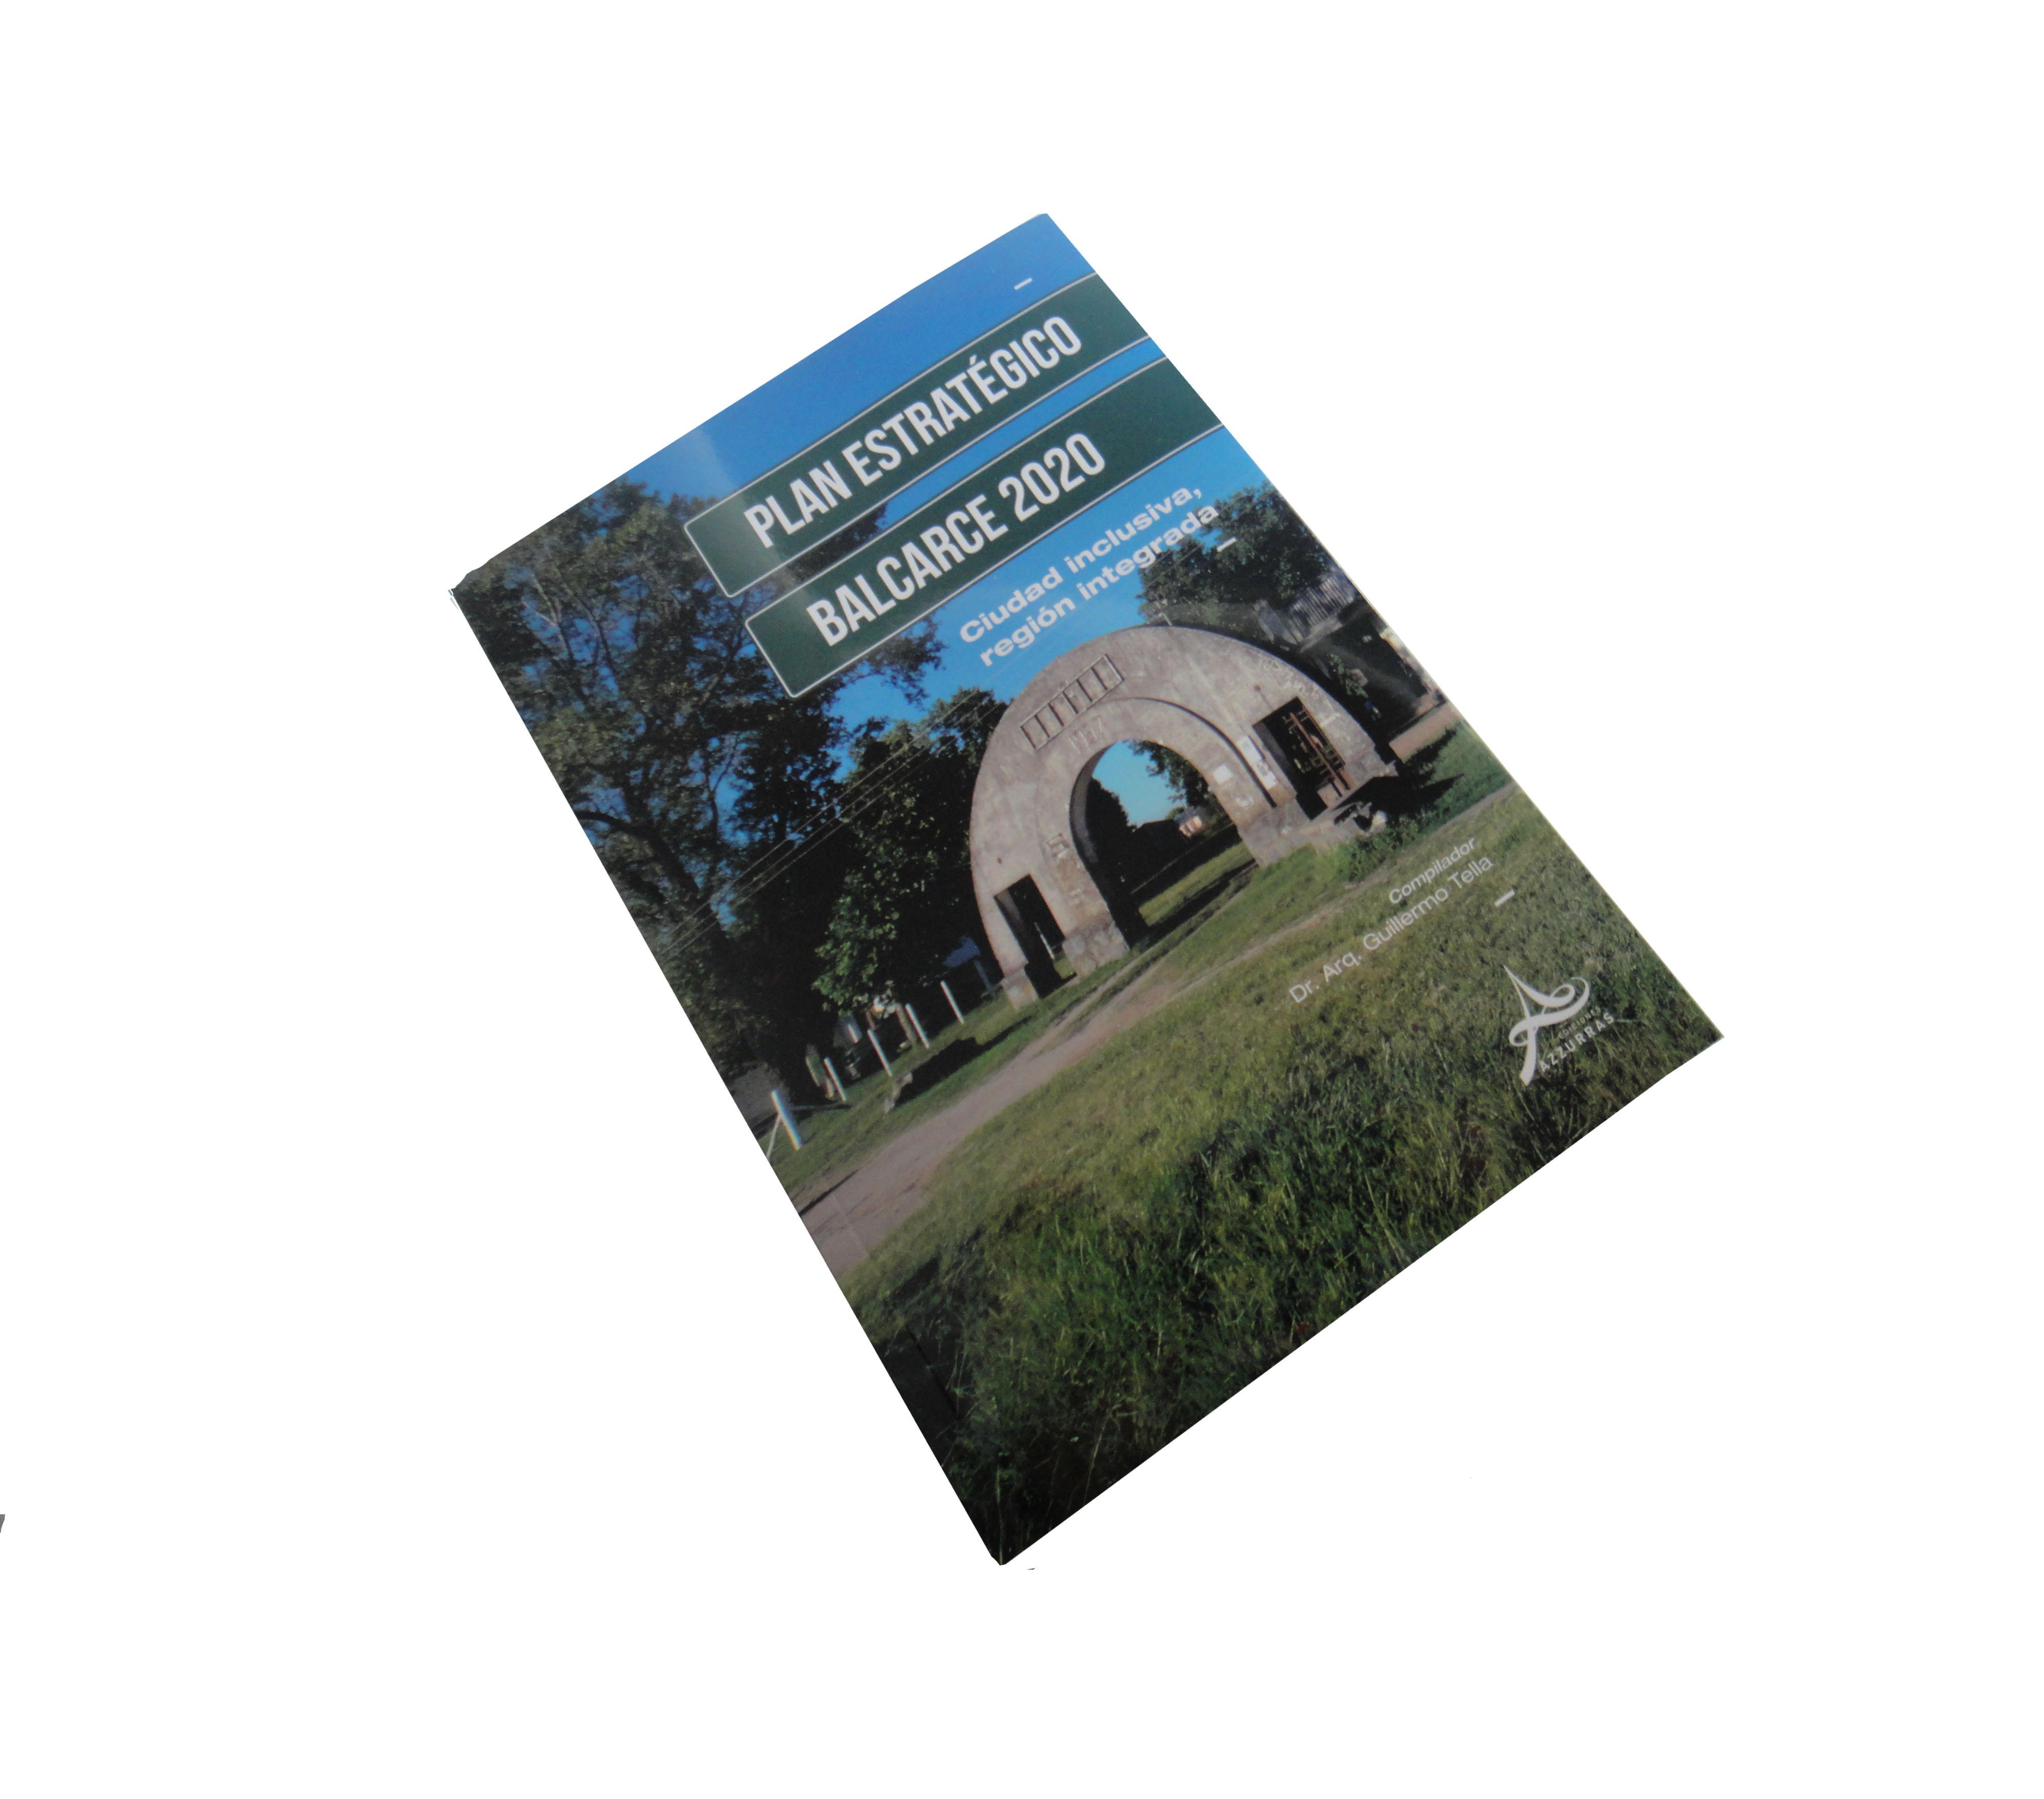 Publicación: Plan Estratégico BALCARCE 2020. Ciudad inclusiva, región integrada